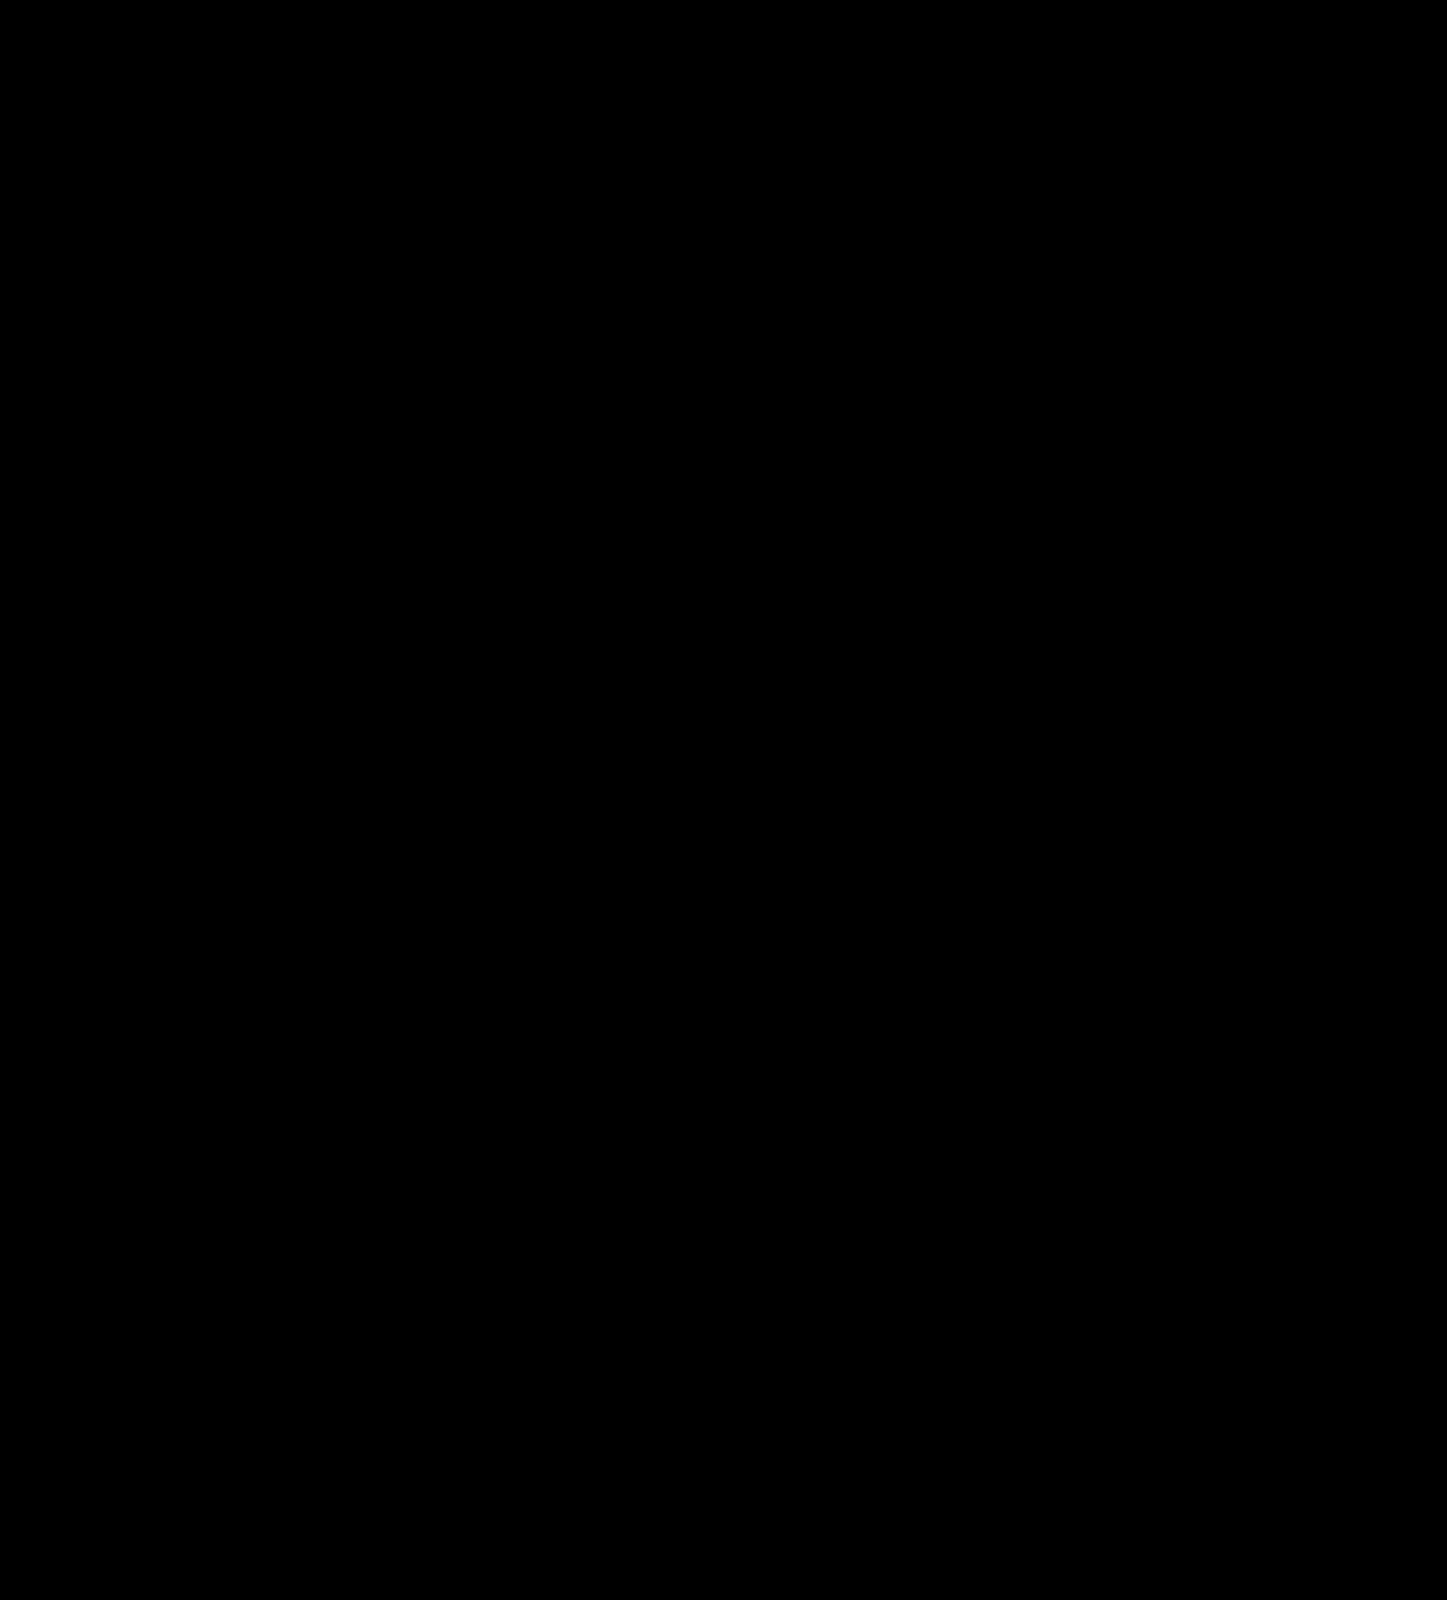 Portrais aus den 1800er Jahren